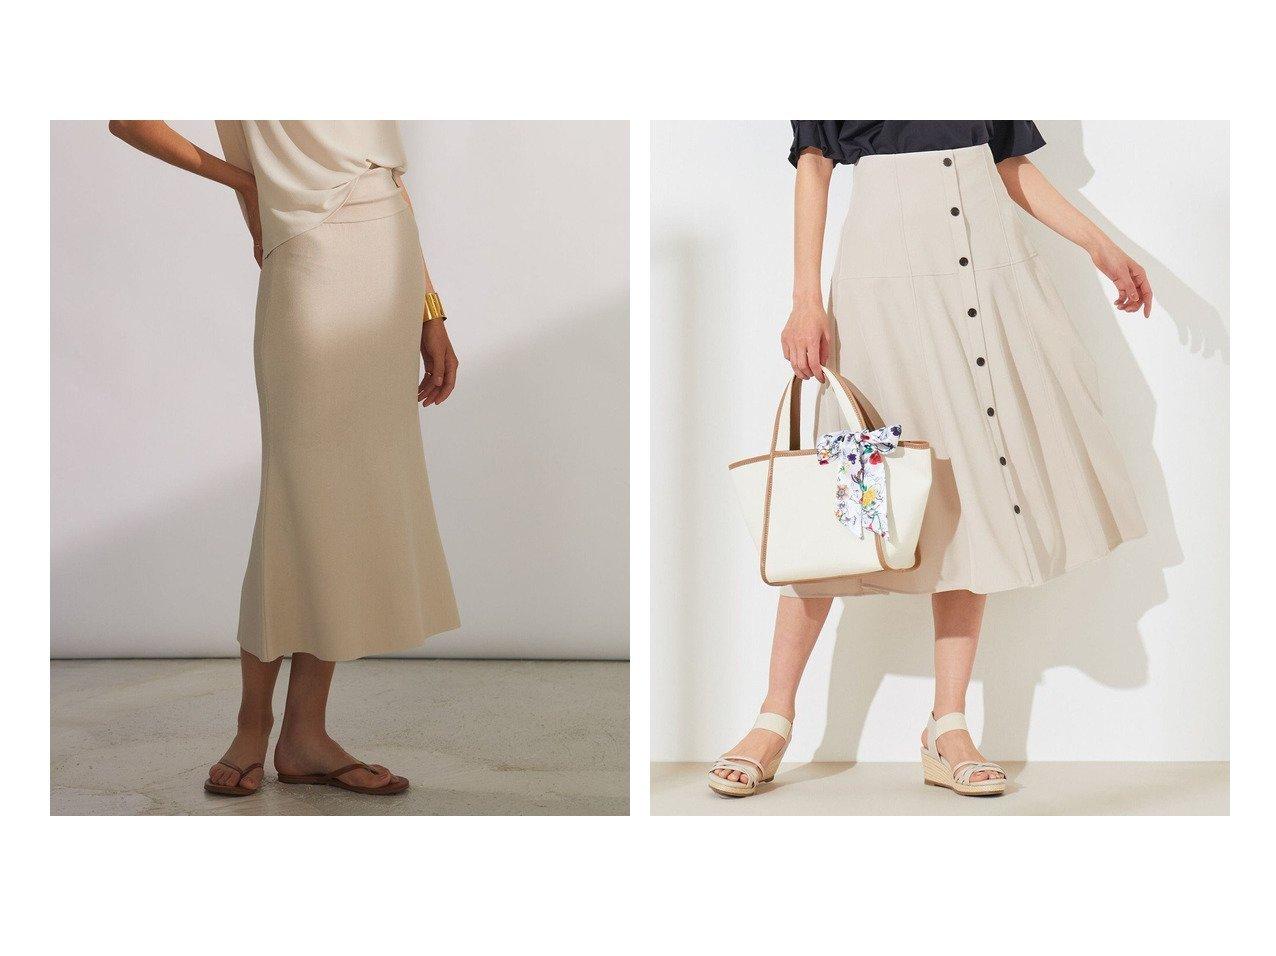 【any SiS/エニィ スィス】のボタンポイントフレア スカート&【BEIGE,/ベイジ,】のニットスカート 【スカート】おすすめ!人気、トレンド・レディースファッションの通販  おすすめ人気トレンドファッション通販アイテム インテリア・キッズ・メンズ・レディースファッション・服の通販 founy(ファニー)  ファッション Fashion レディースファッション WOMEN スカート Skirt Aライン/フレアスカート Flared A-Line Skirts 送料無料 Free Shipping ギャザー ドレープ フレア フロント 2021年 2021 2021春夏・S/S SS/Spring/Summer/2021 S/S・春夏 SS・Spring/Summer エレガント ブルー系 Blue イエロー系 Yellow ベージュ系 Beige ブラック系 Black |ID:crp329100000038576